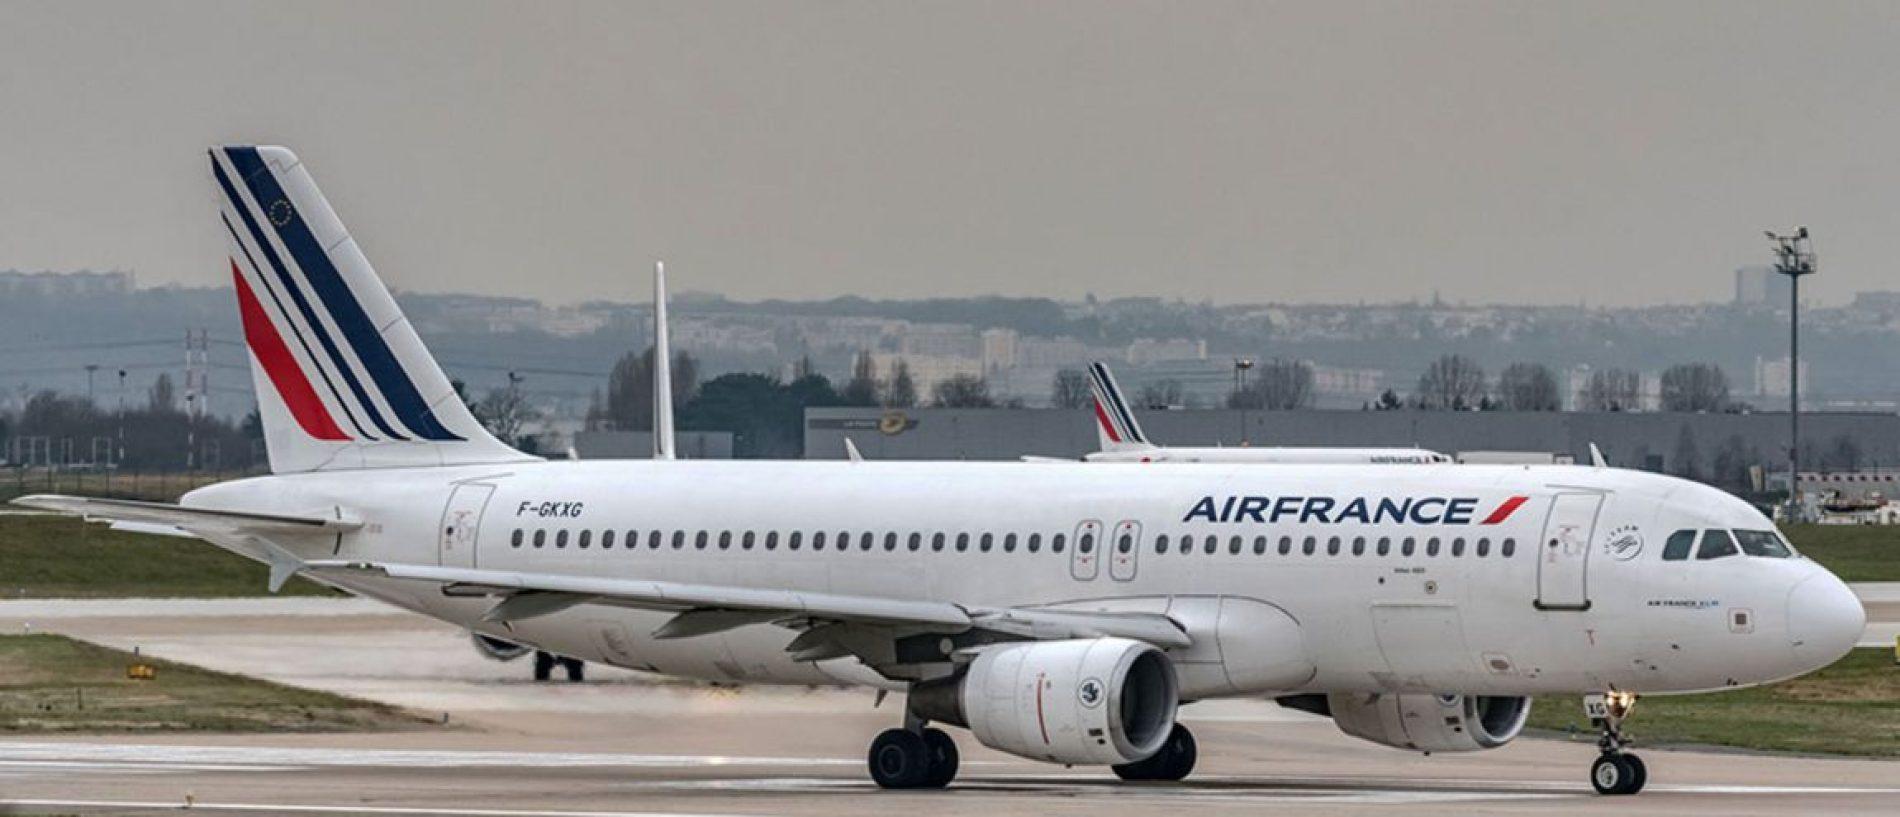 Environnement : Air France compense, réduit et recycle